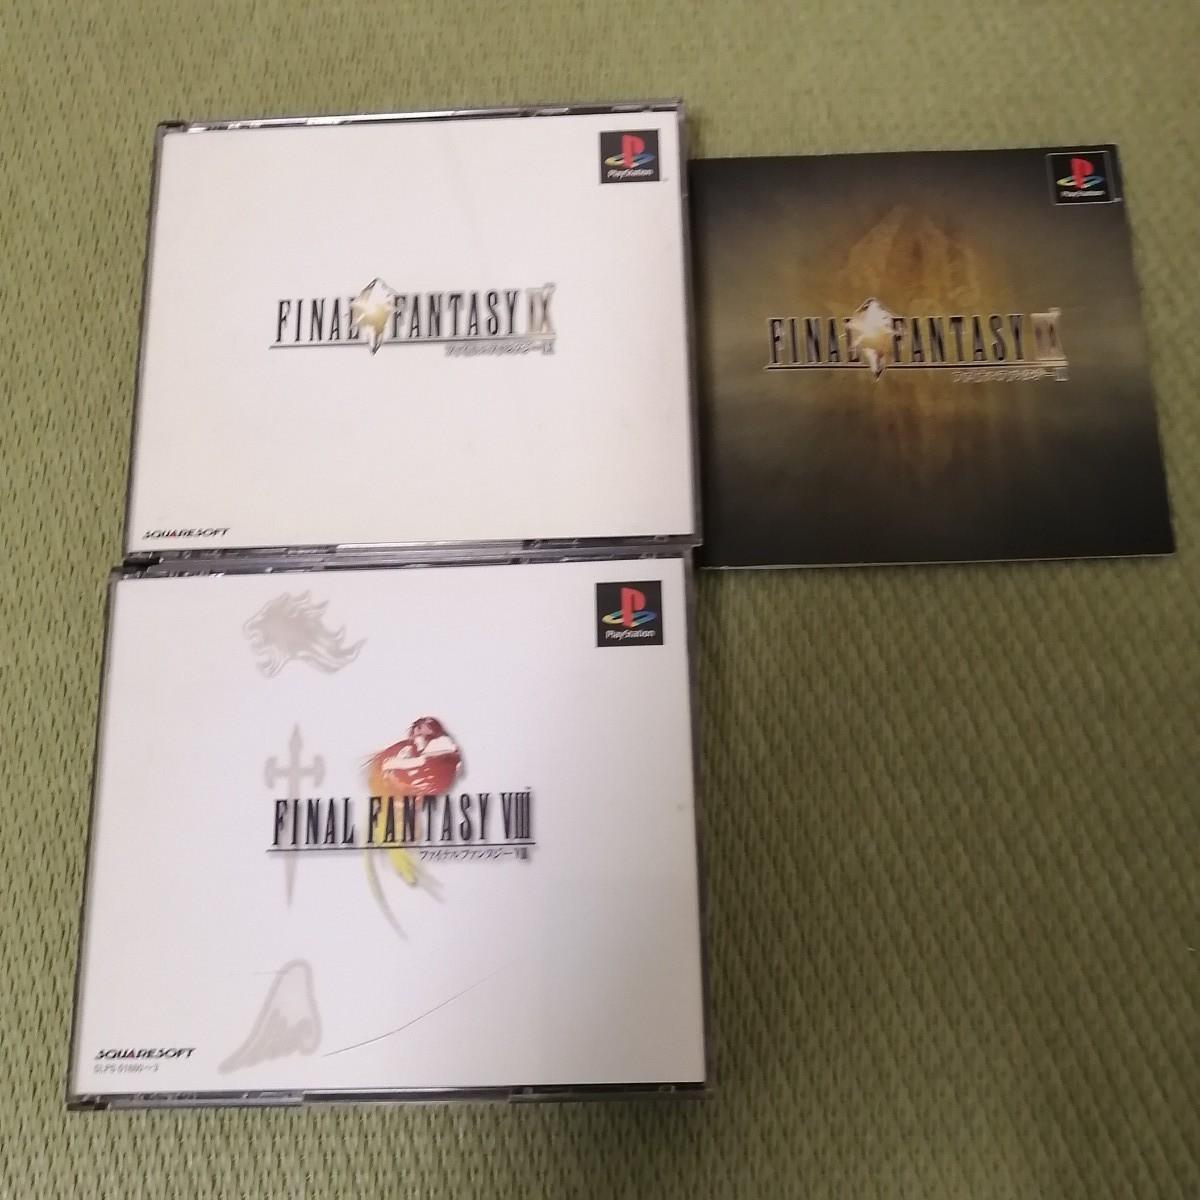 ファイナルファンタジー8  ファイナルファンタジー9  プレイステーション